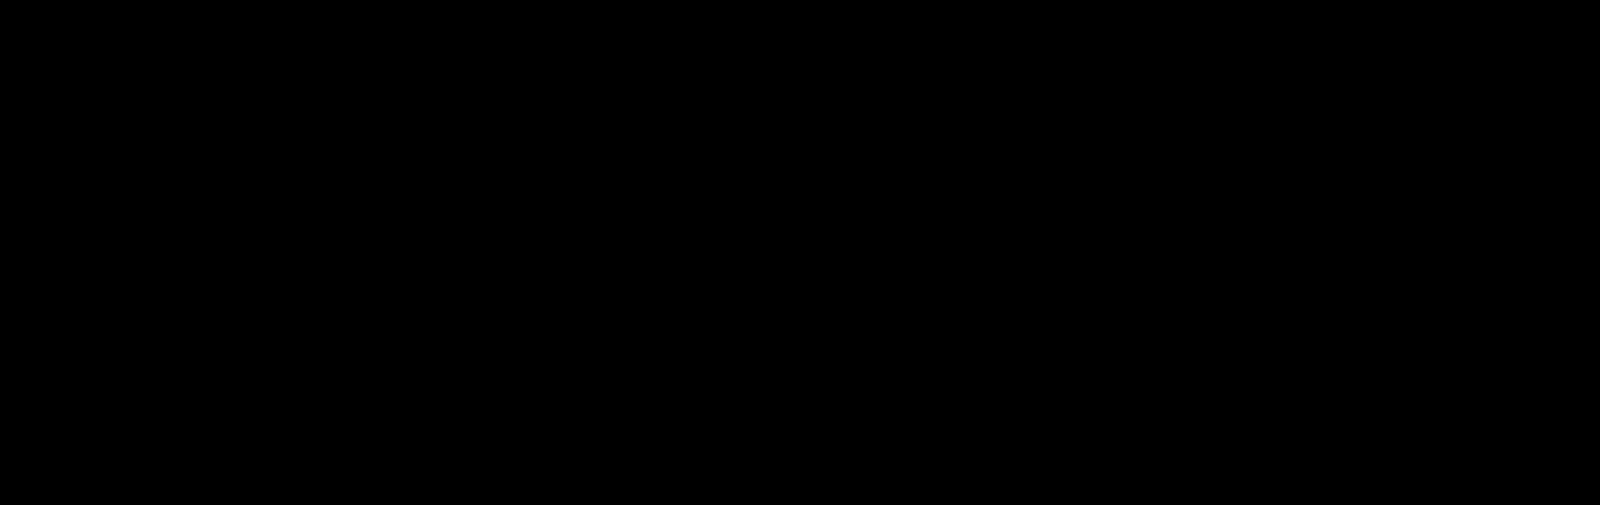 Synamatz